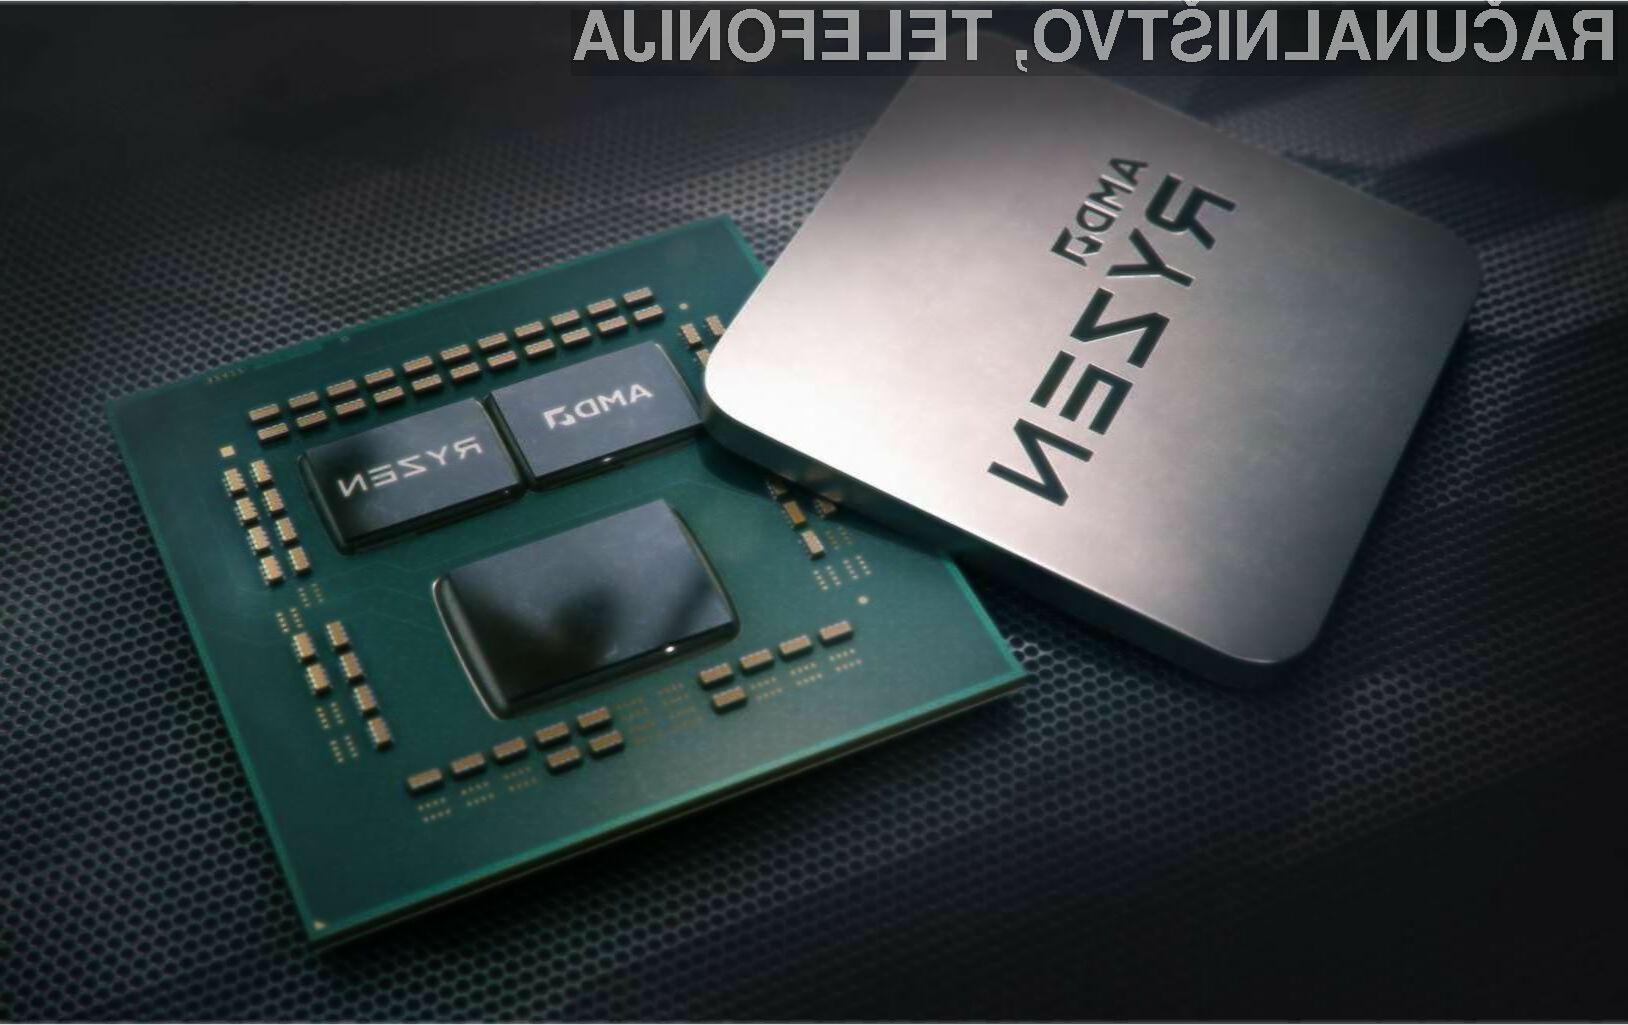 Procesorji AMD družine Ryzen 3000 postajajo iz dneva v dan bolj priljubljeni.